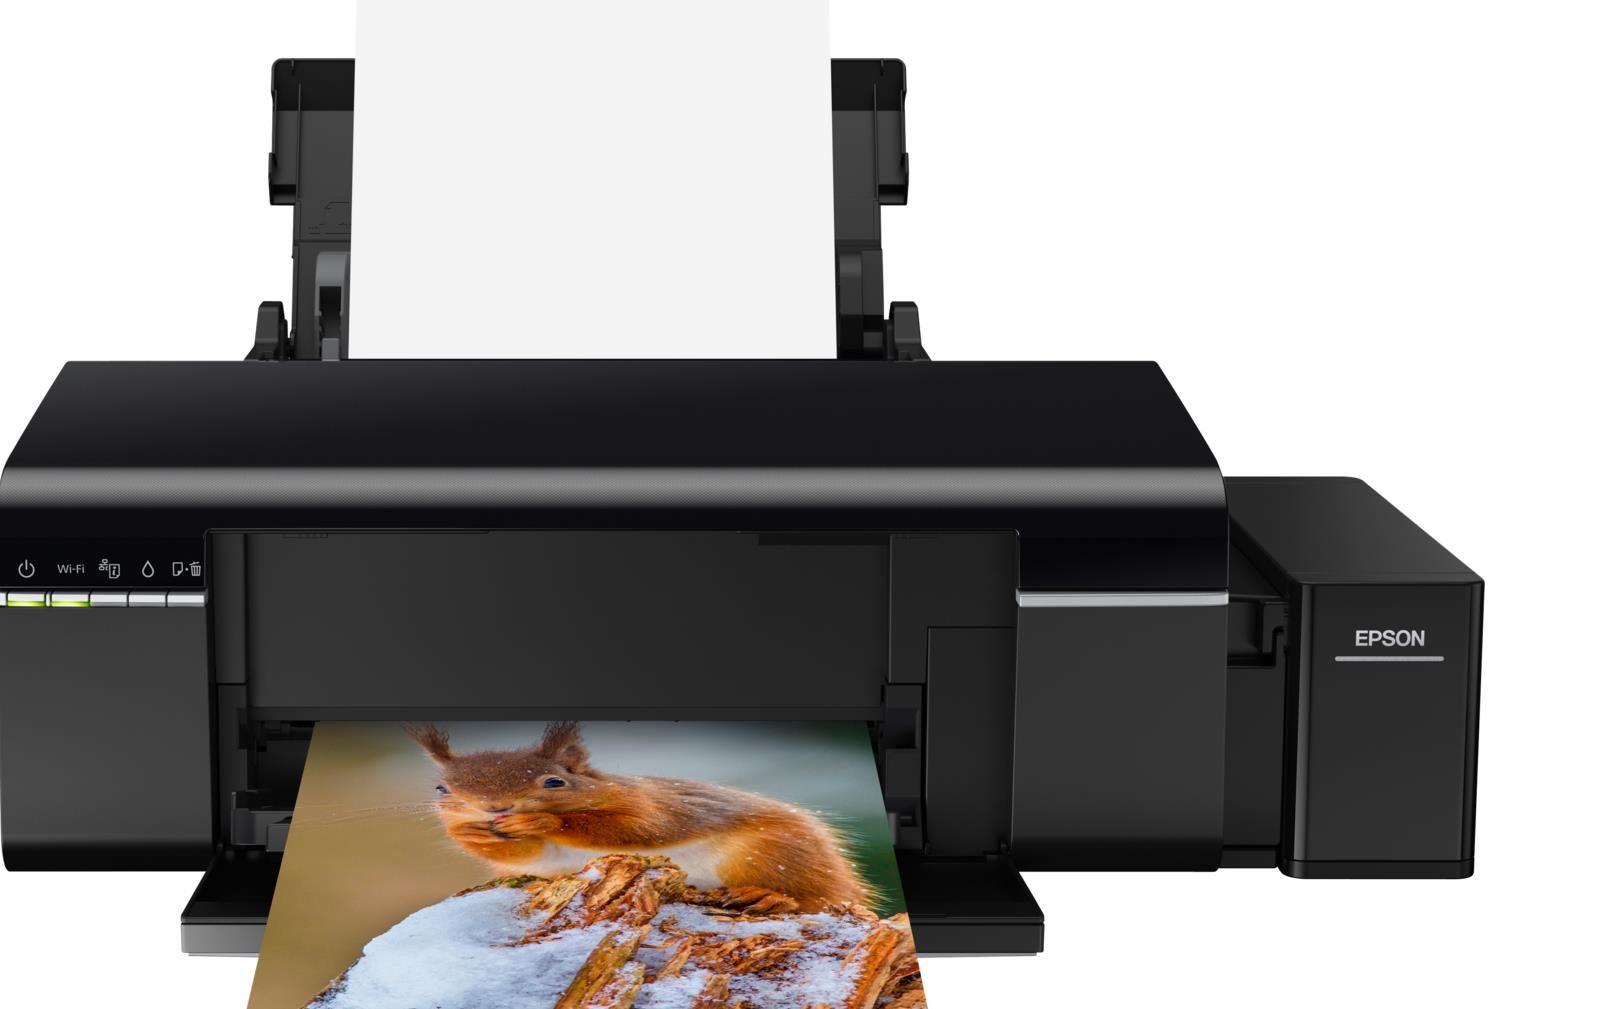 EPSON tiskárna ink L805, A4, 38ppm, 6ink, USB, WI-FI, TANK SYSTEM-3 roky záruka po registraci (C11CE86401)